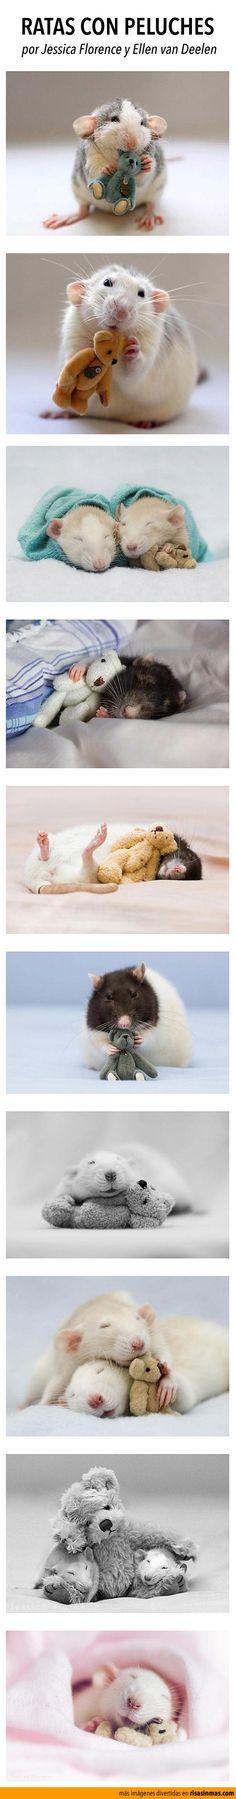 Ratas con peluches. Imágenes por Jessica Florence y Ellen van Deelen.